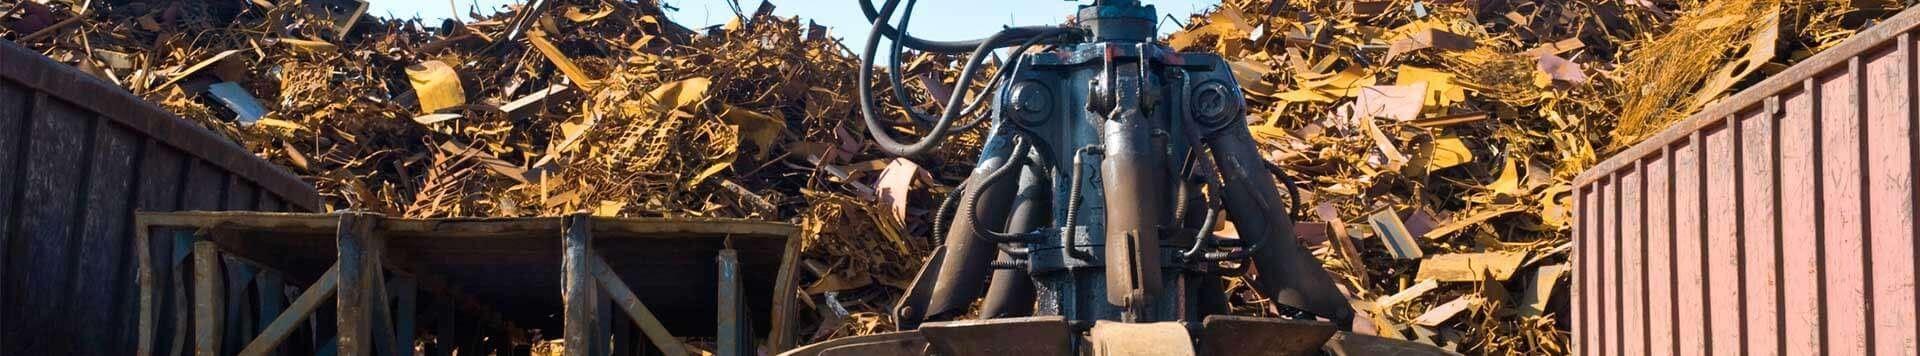 Contenedores Jokin – Somos entidad privada gestor de residuos.